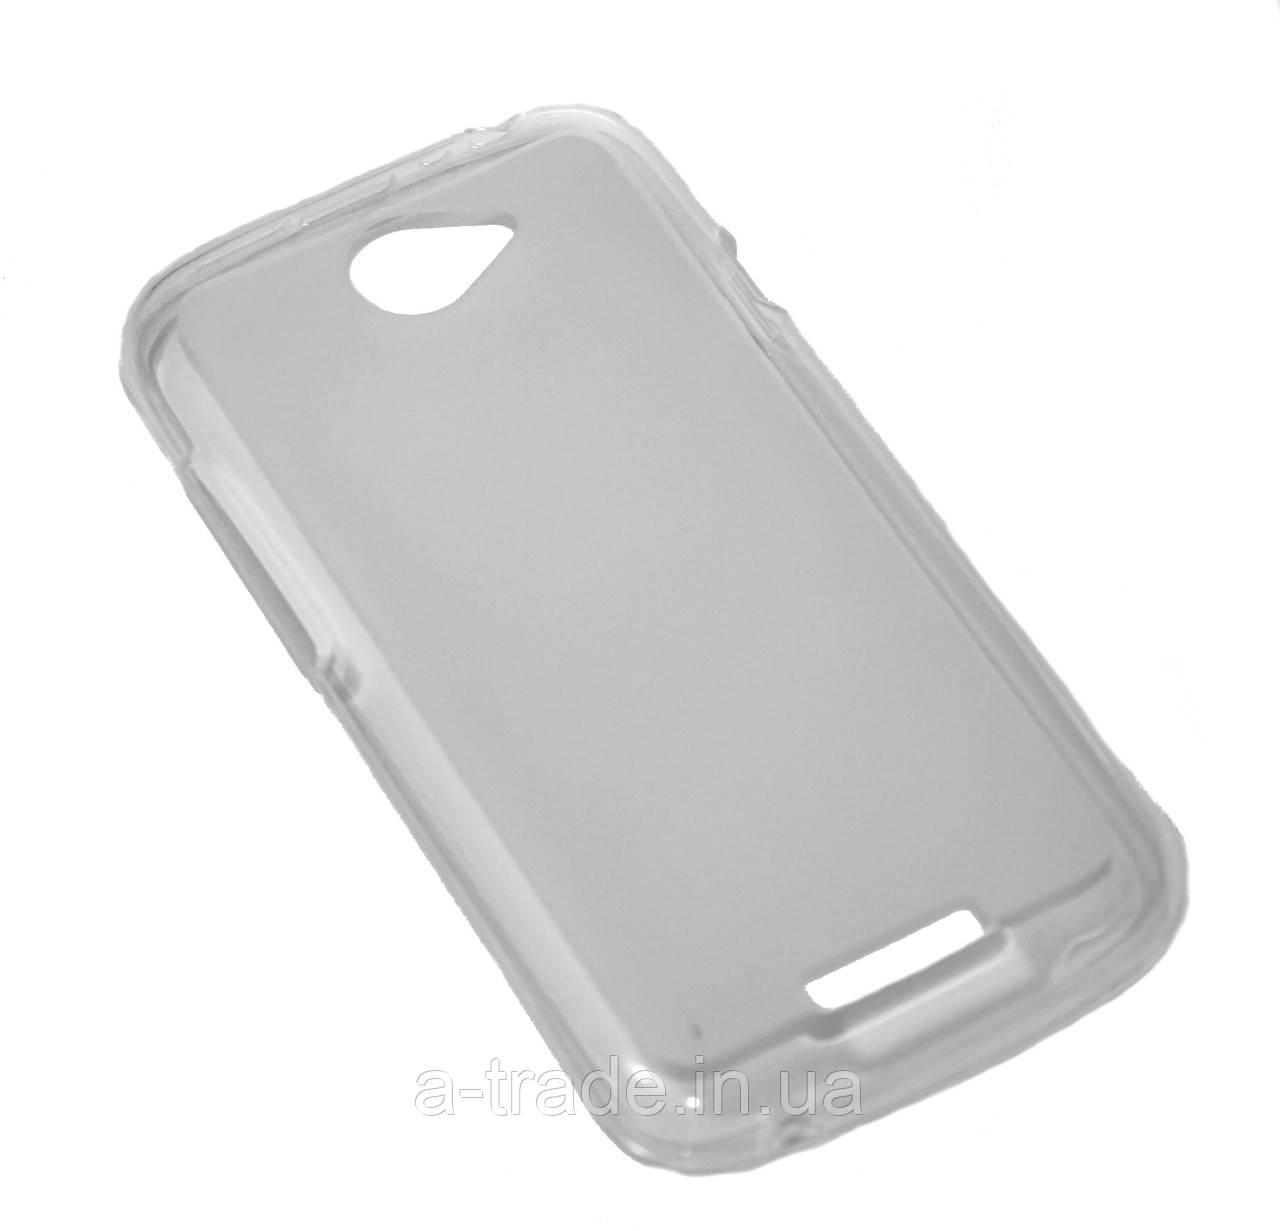 чехол силиконовая накладка для телефона Htc Ones Z560e Z520e